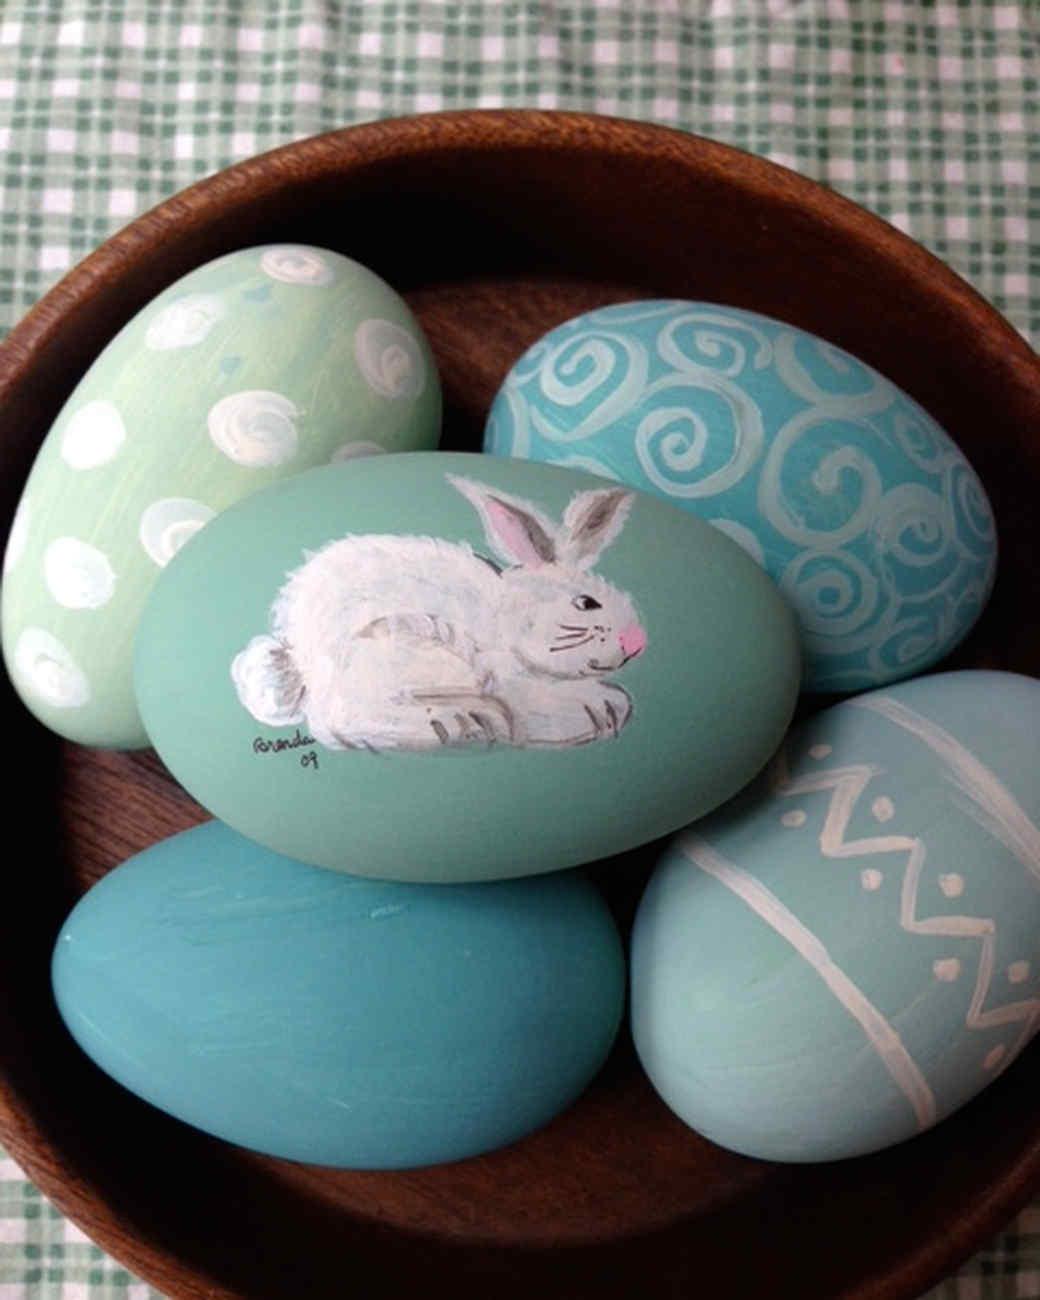 marthas-egg-hunt-brenda-allen-0414.jpg